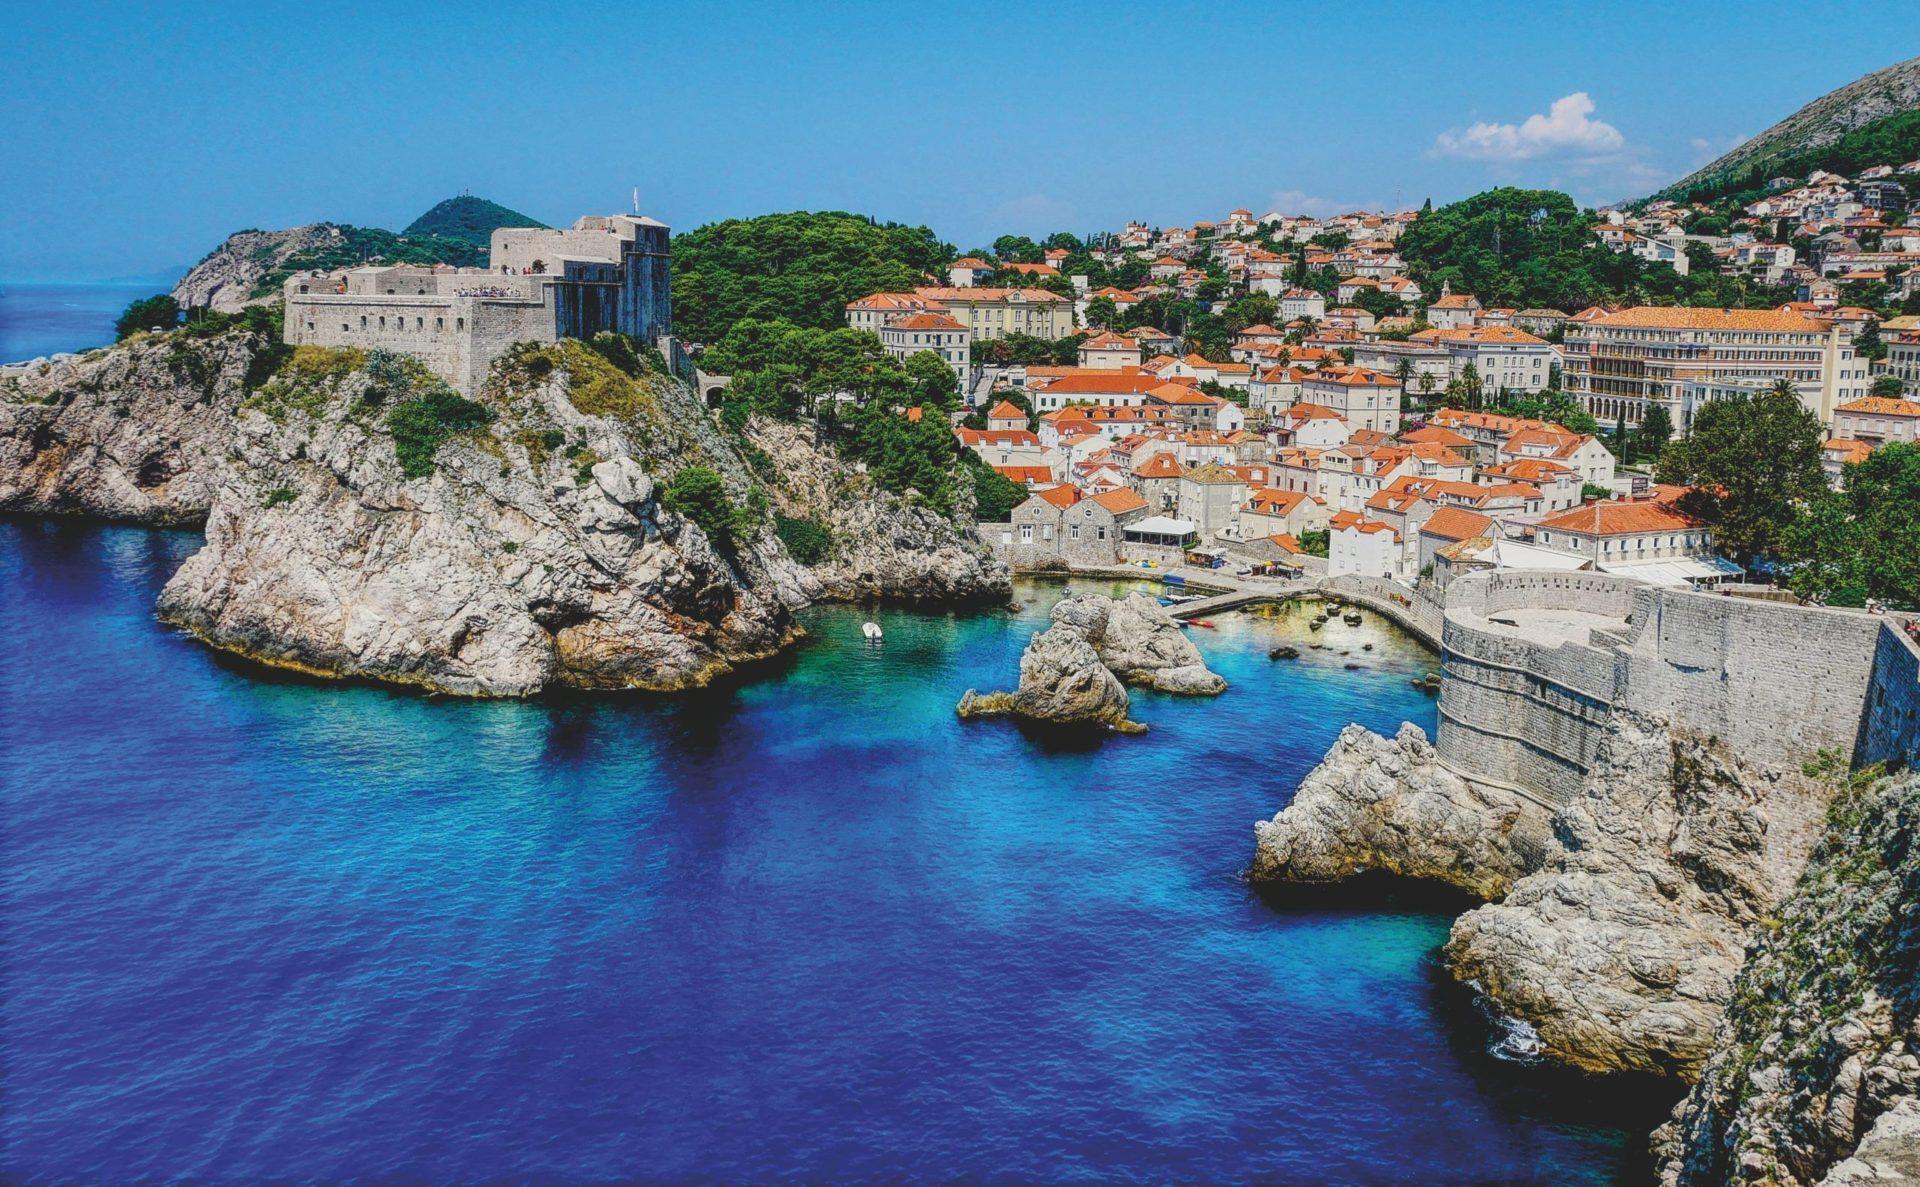 Croácia visto nômades digitais